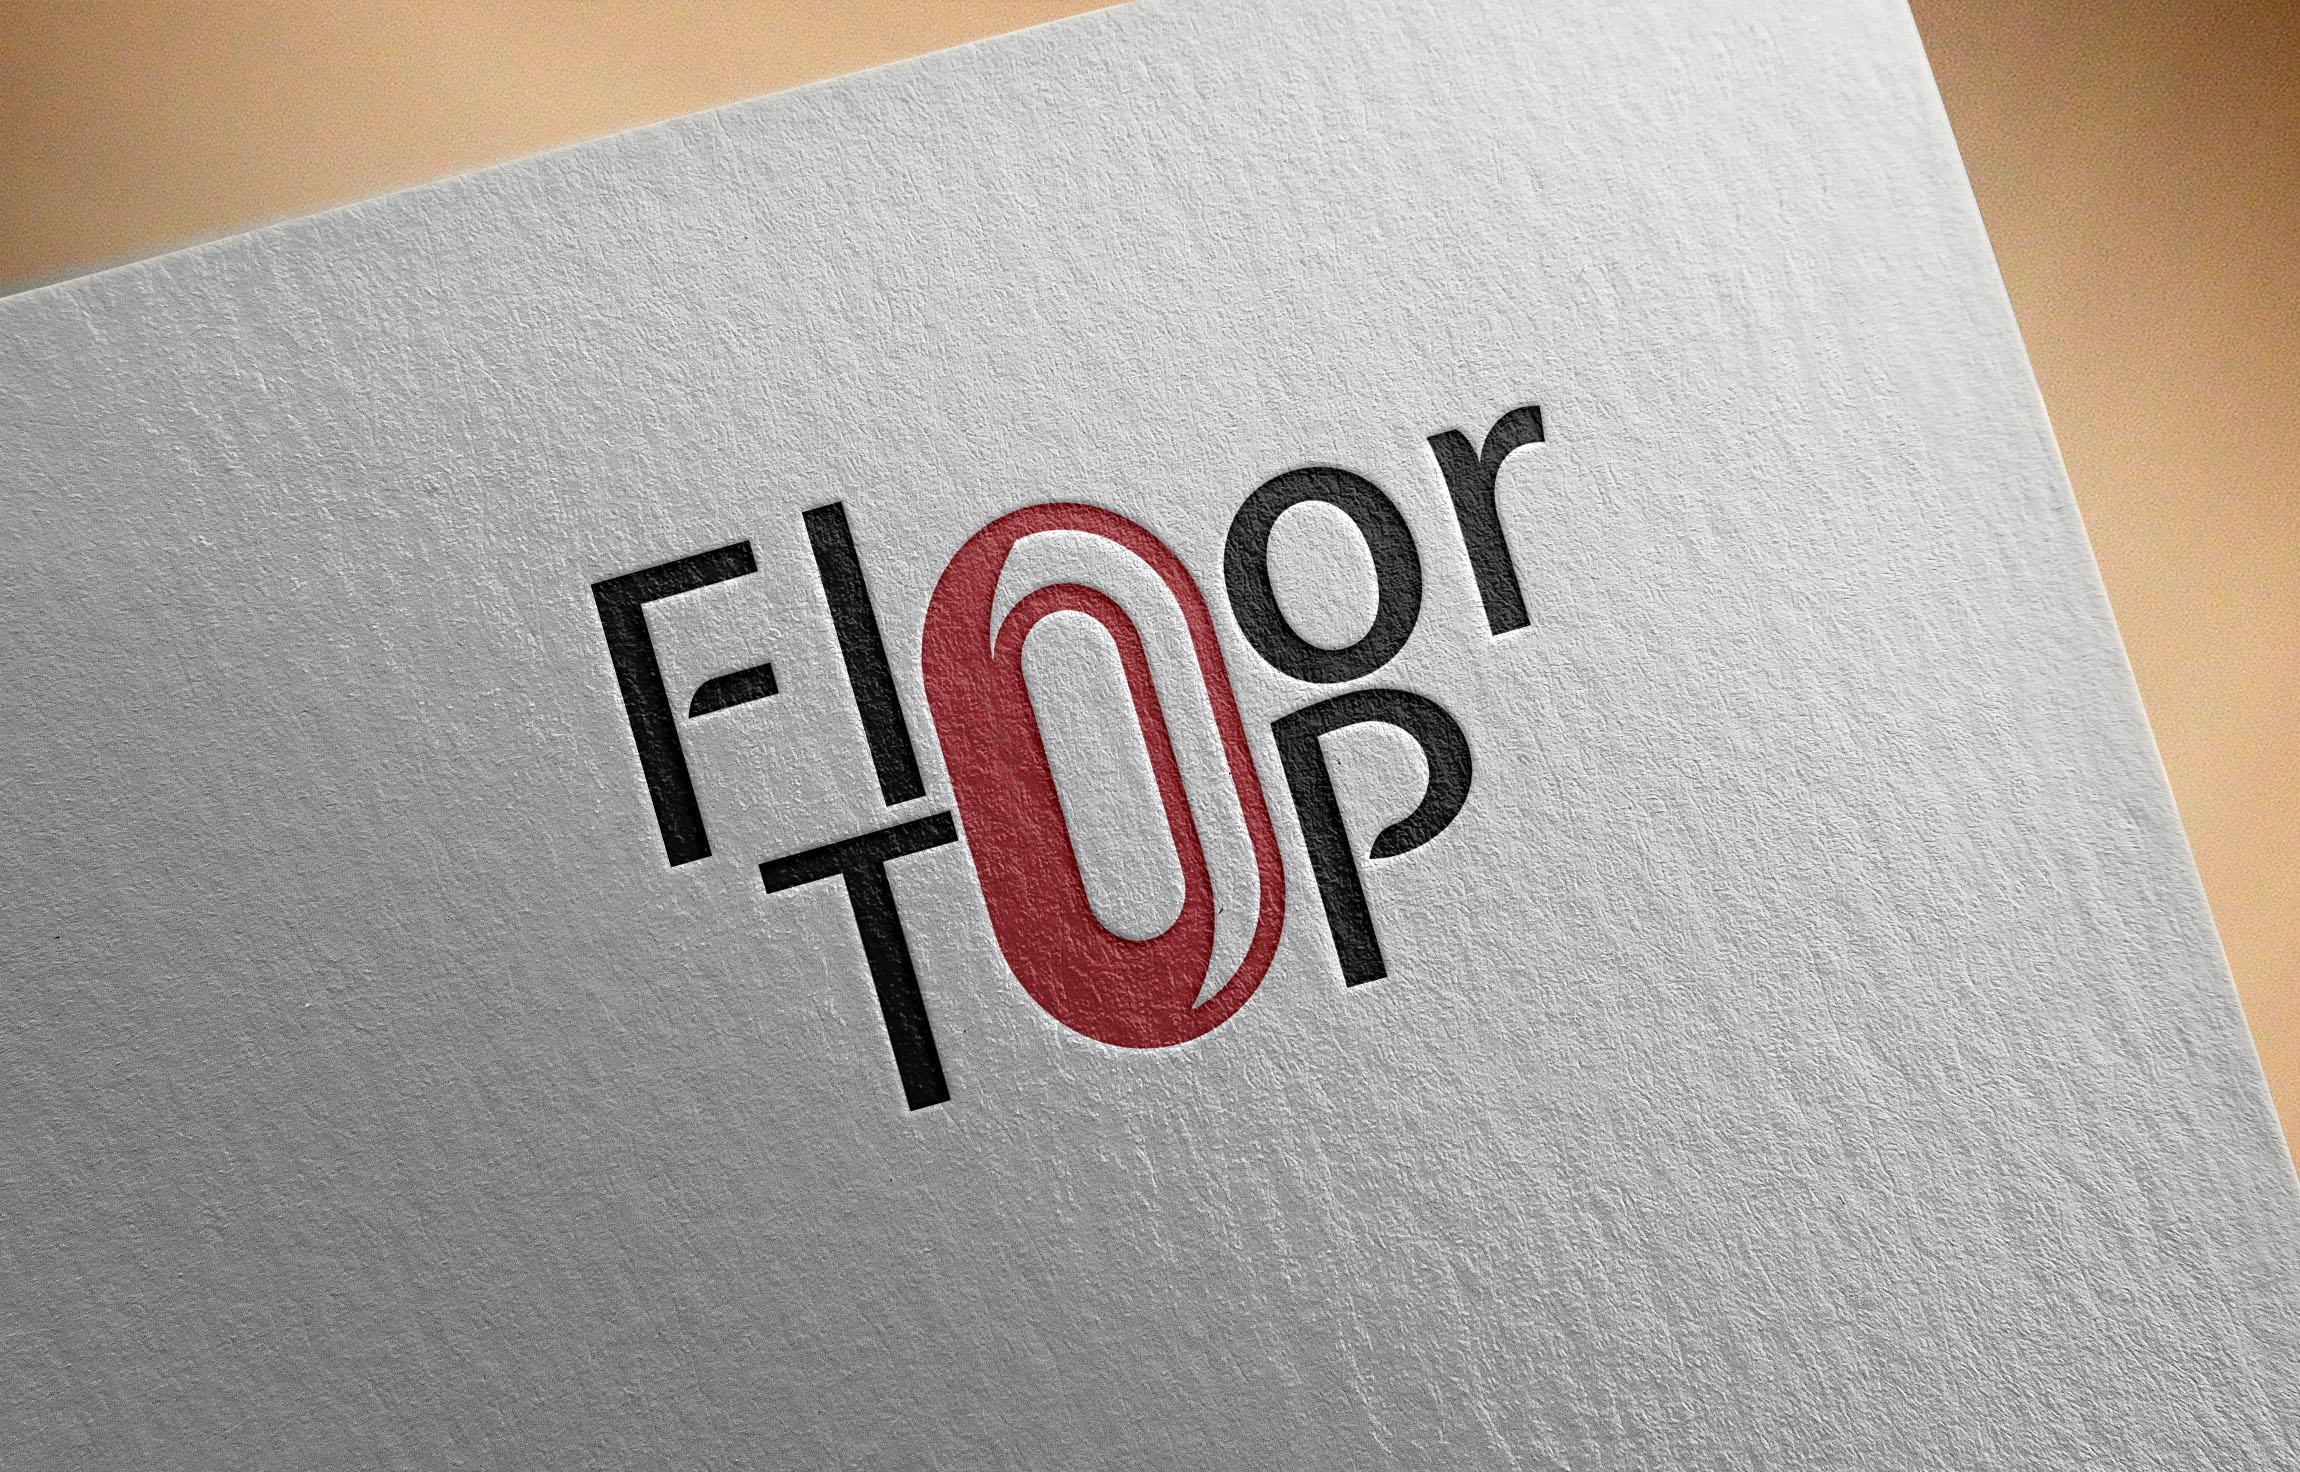 Разработка логотипа и дизайна на упаковку для сухой смеси фото f_8805d287237bfba1.jpg